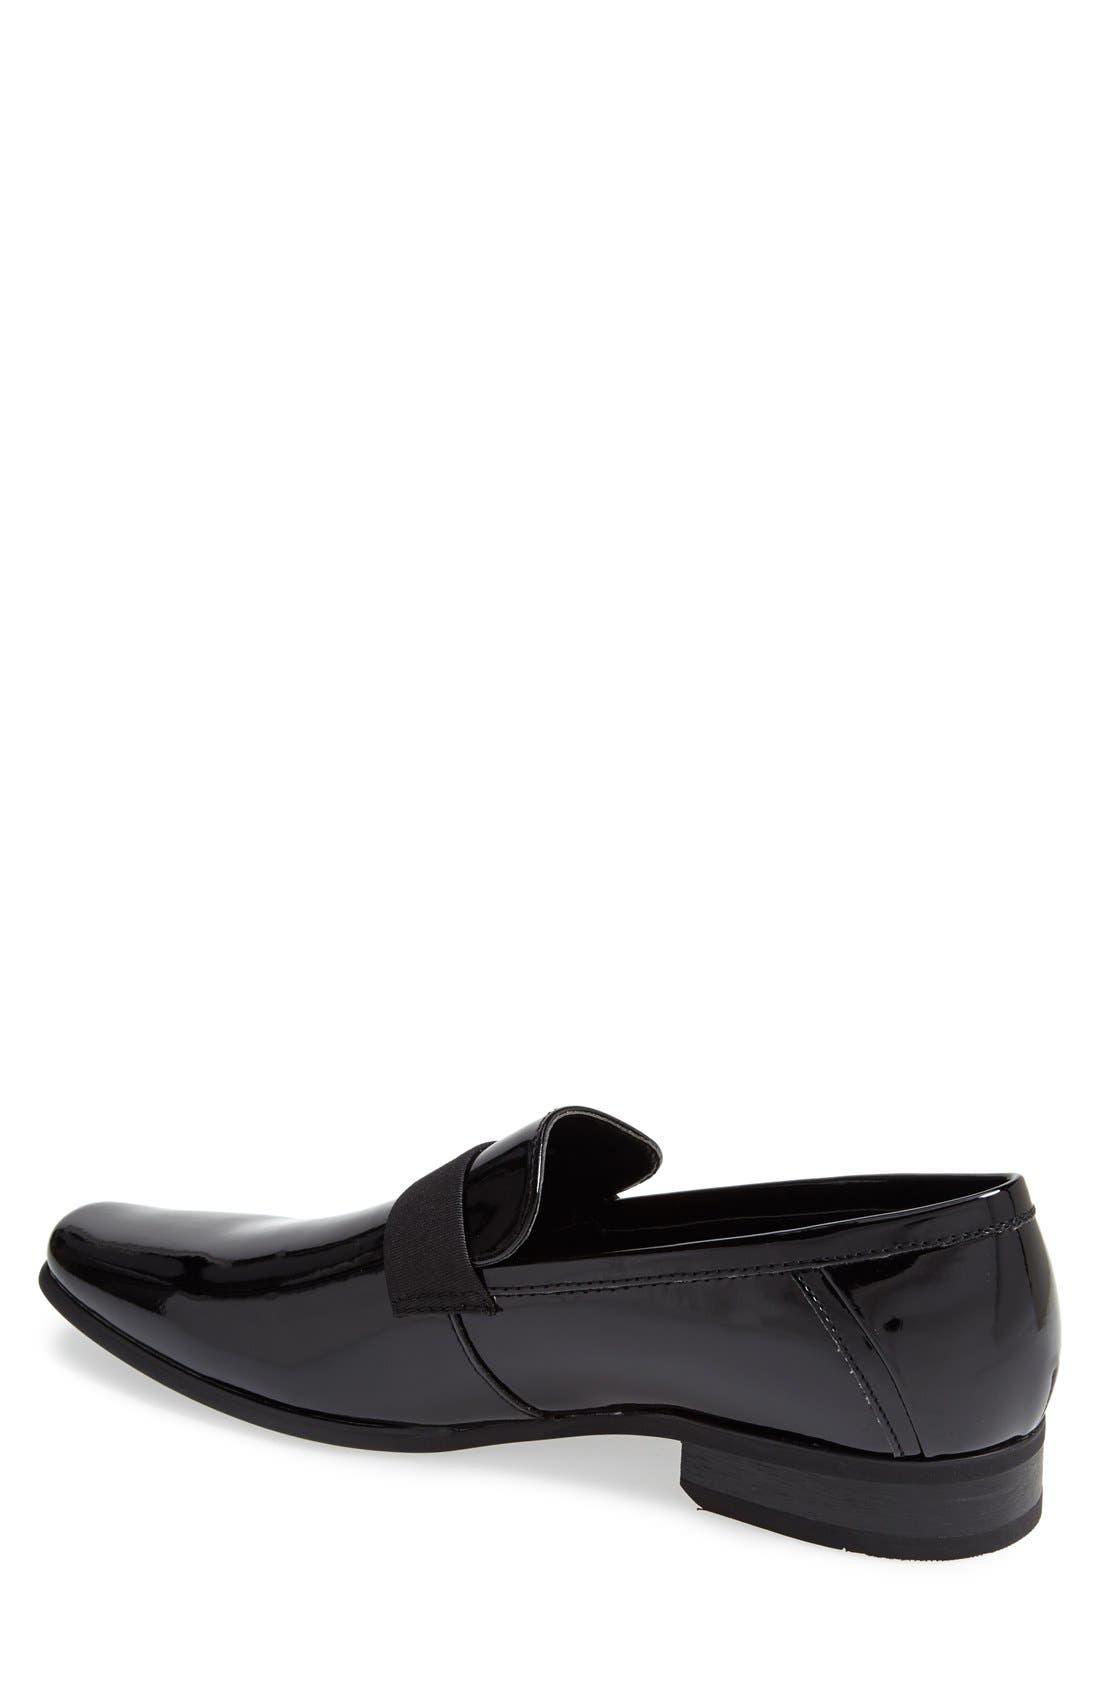 Alternate Image 2  - Calvin Klein 'Bernard' Venetian Loafer (Men)